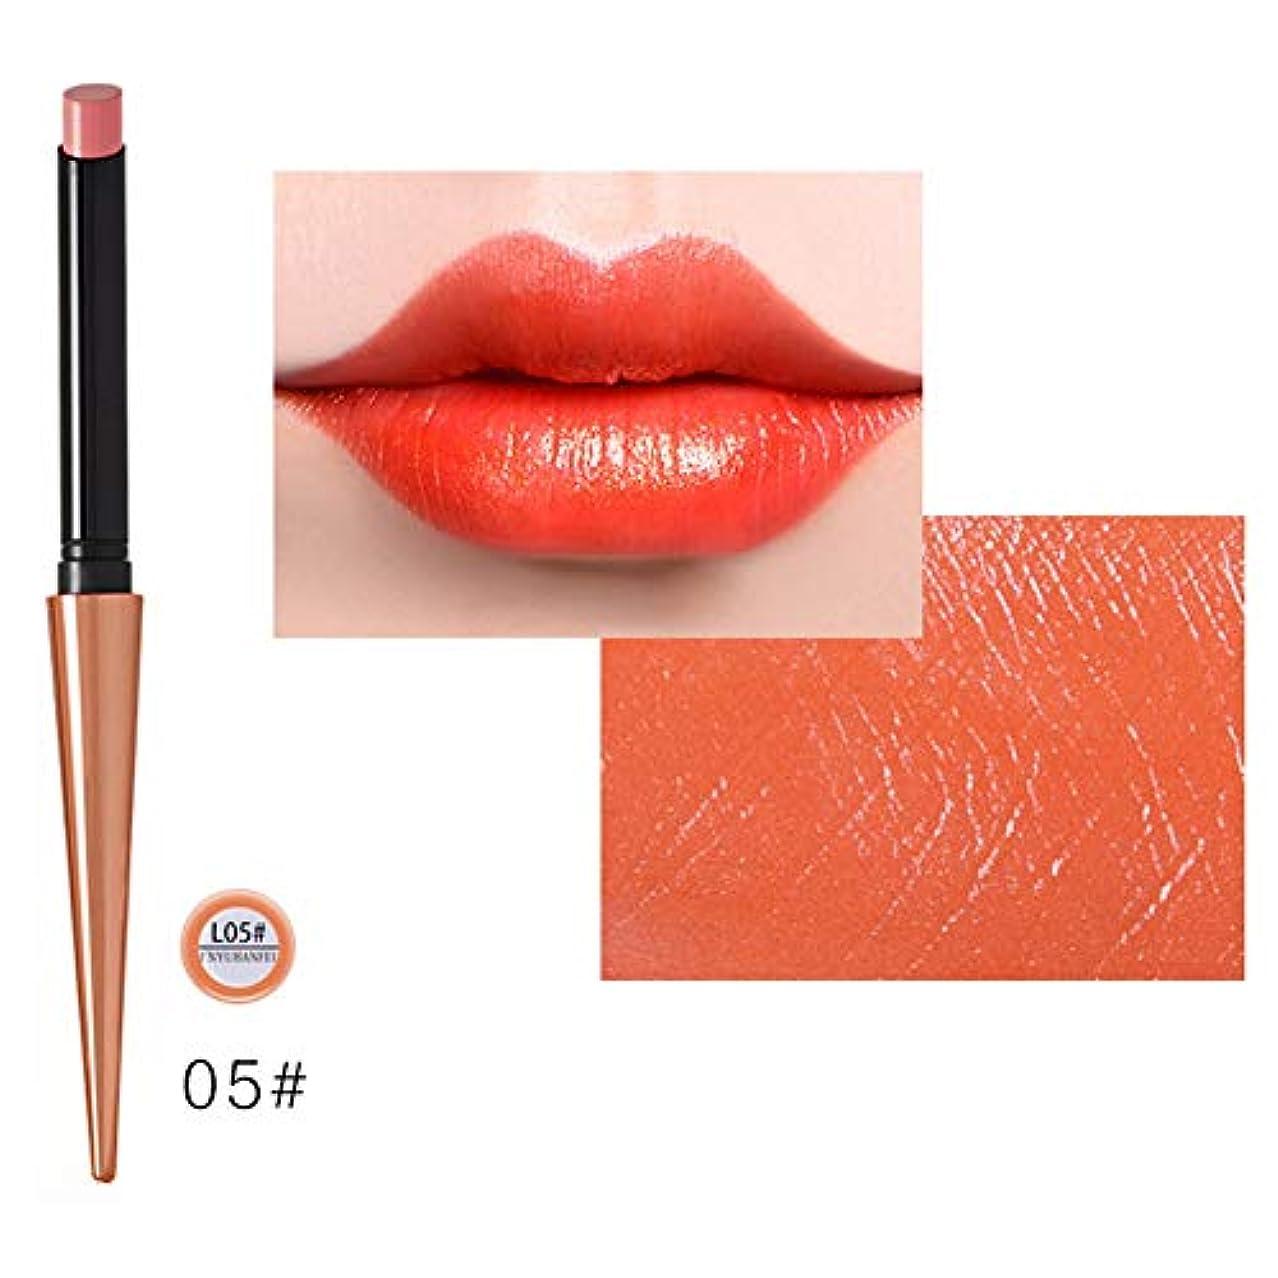 口紅 リップマット リップティント リップスティック リップグロス つや消し 防水 長続き 唇の化粧品 化粧品 10色 Cutelove